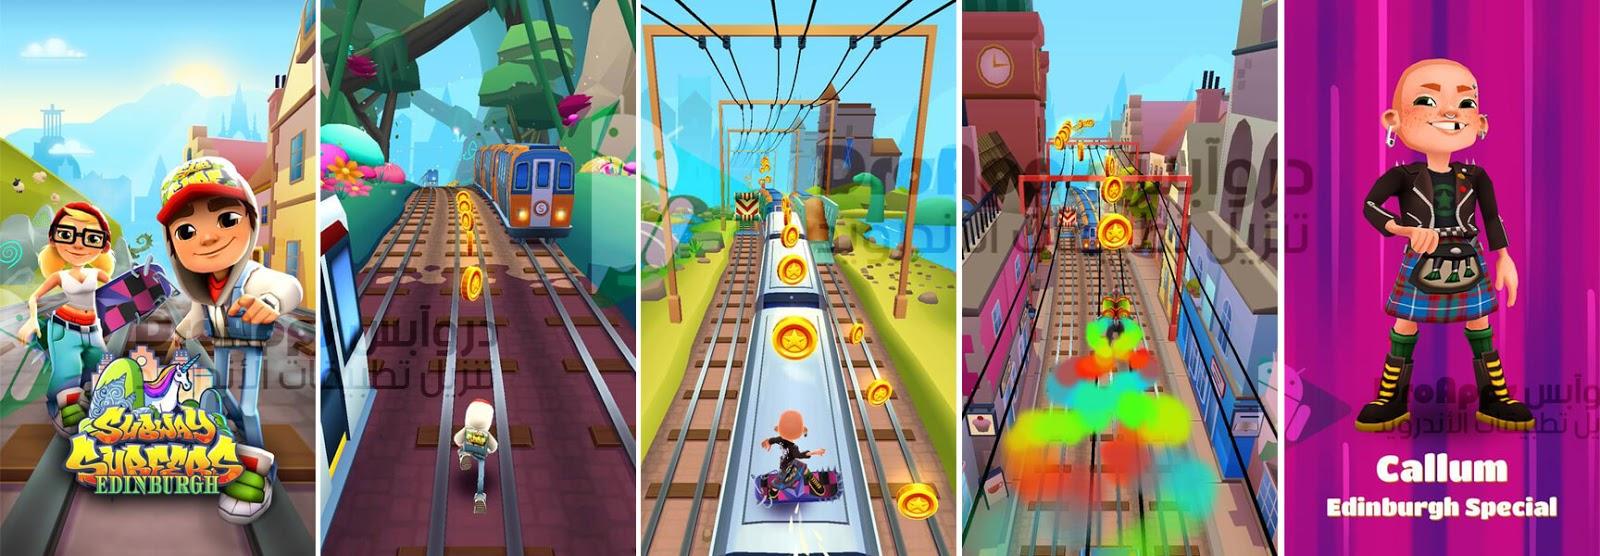 تحميل لعبة سابوي سيرف 2020 للموبايل الاندوريد - صب واي سيرفرس Subway Surfers